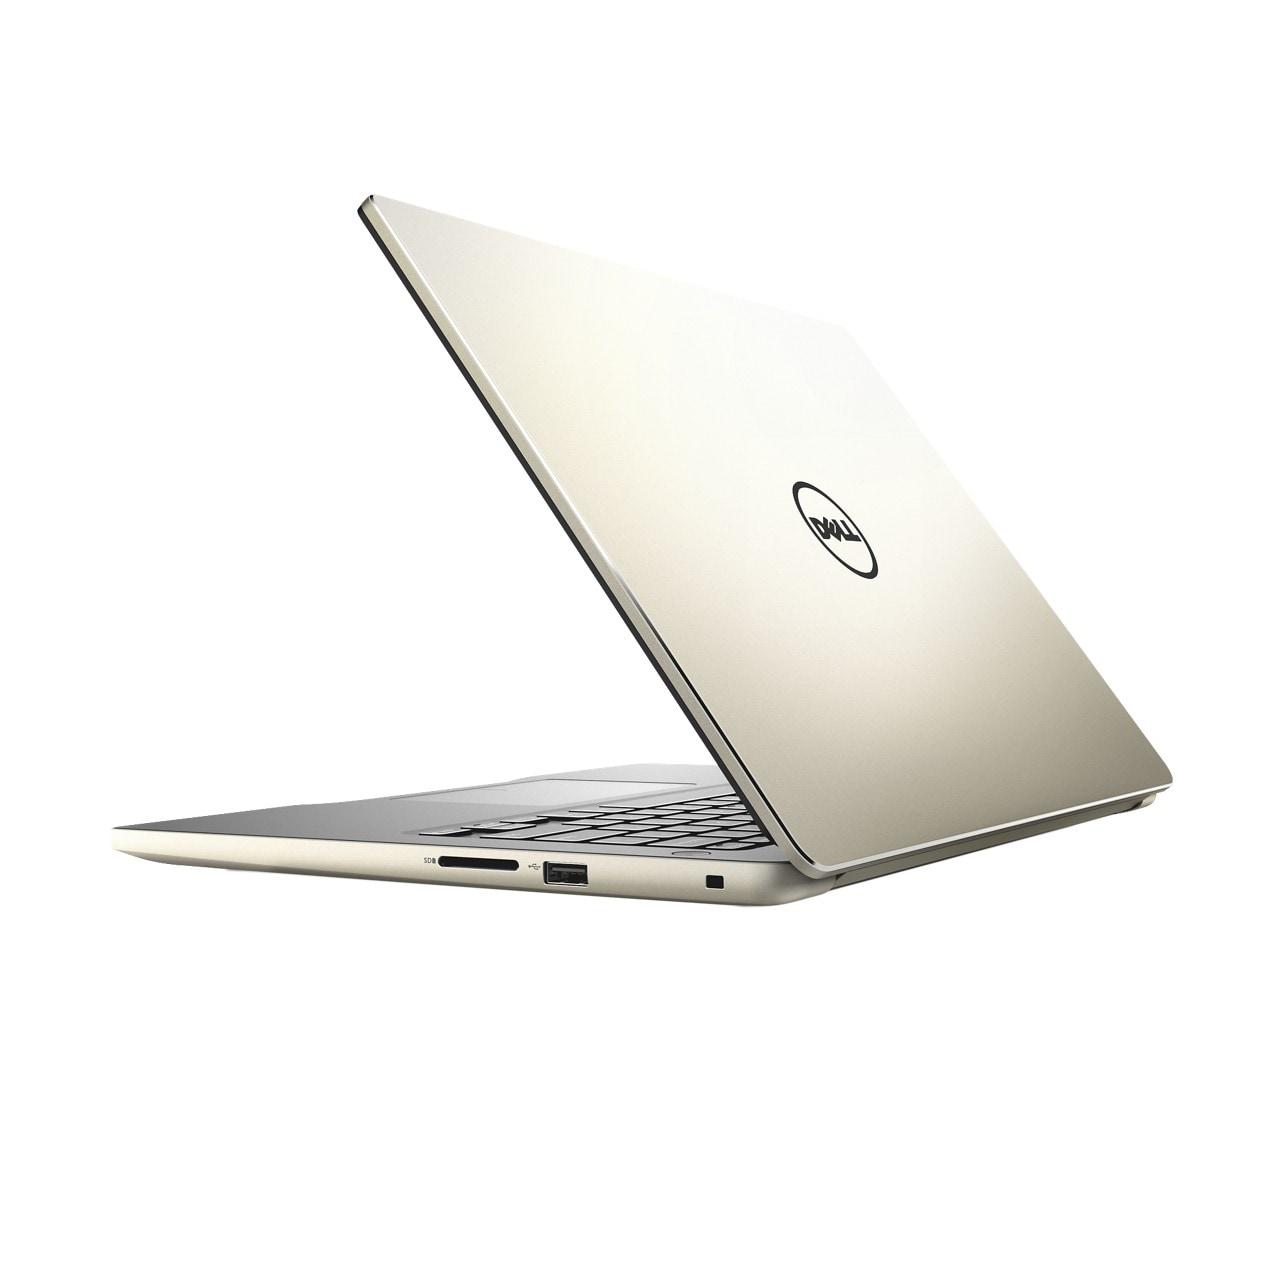 inspiron-14-7472-laptop_heroimage_es.png